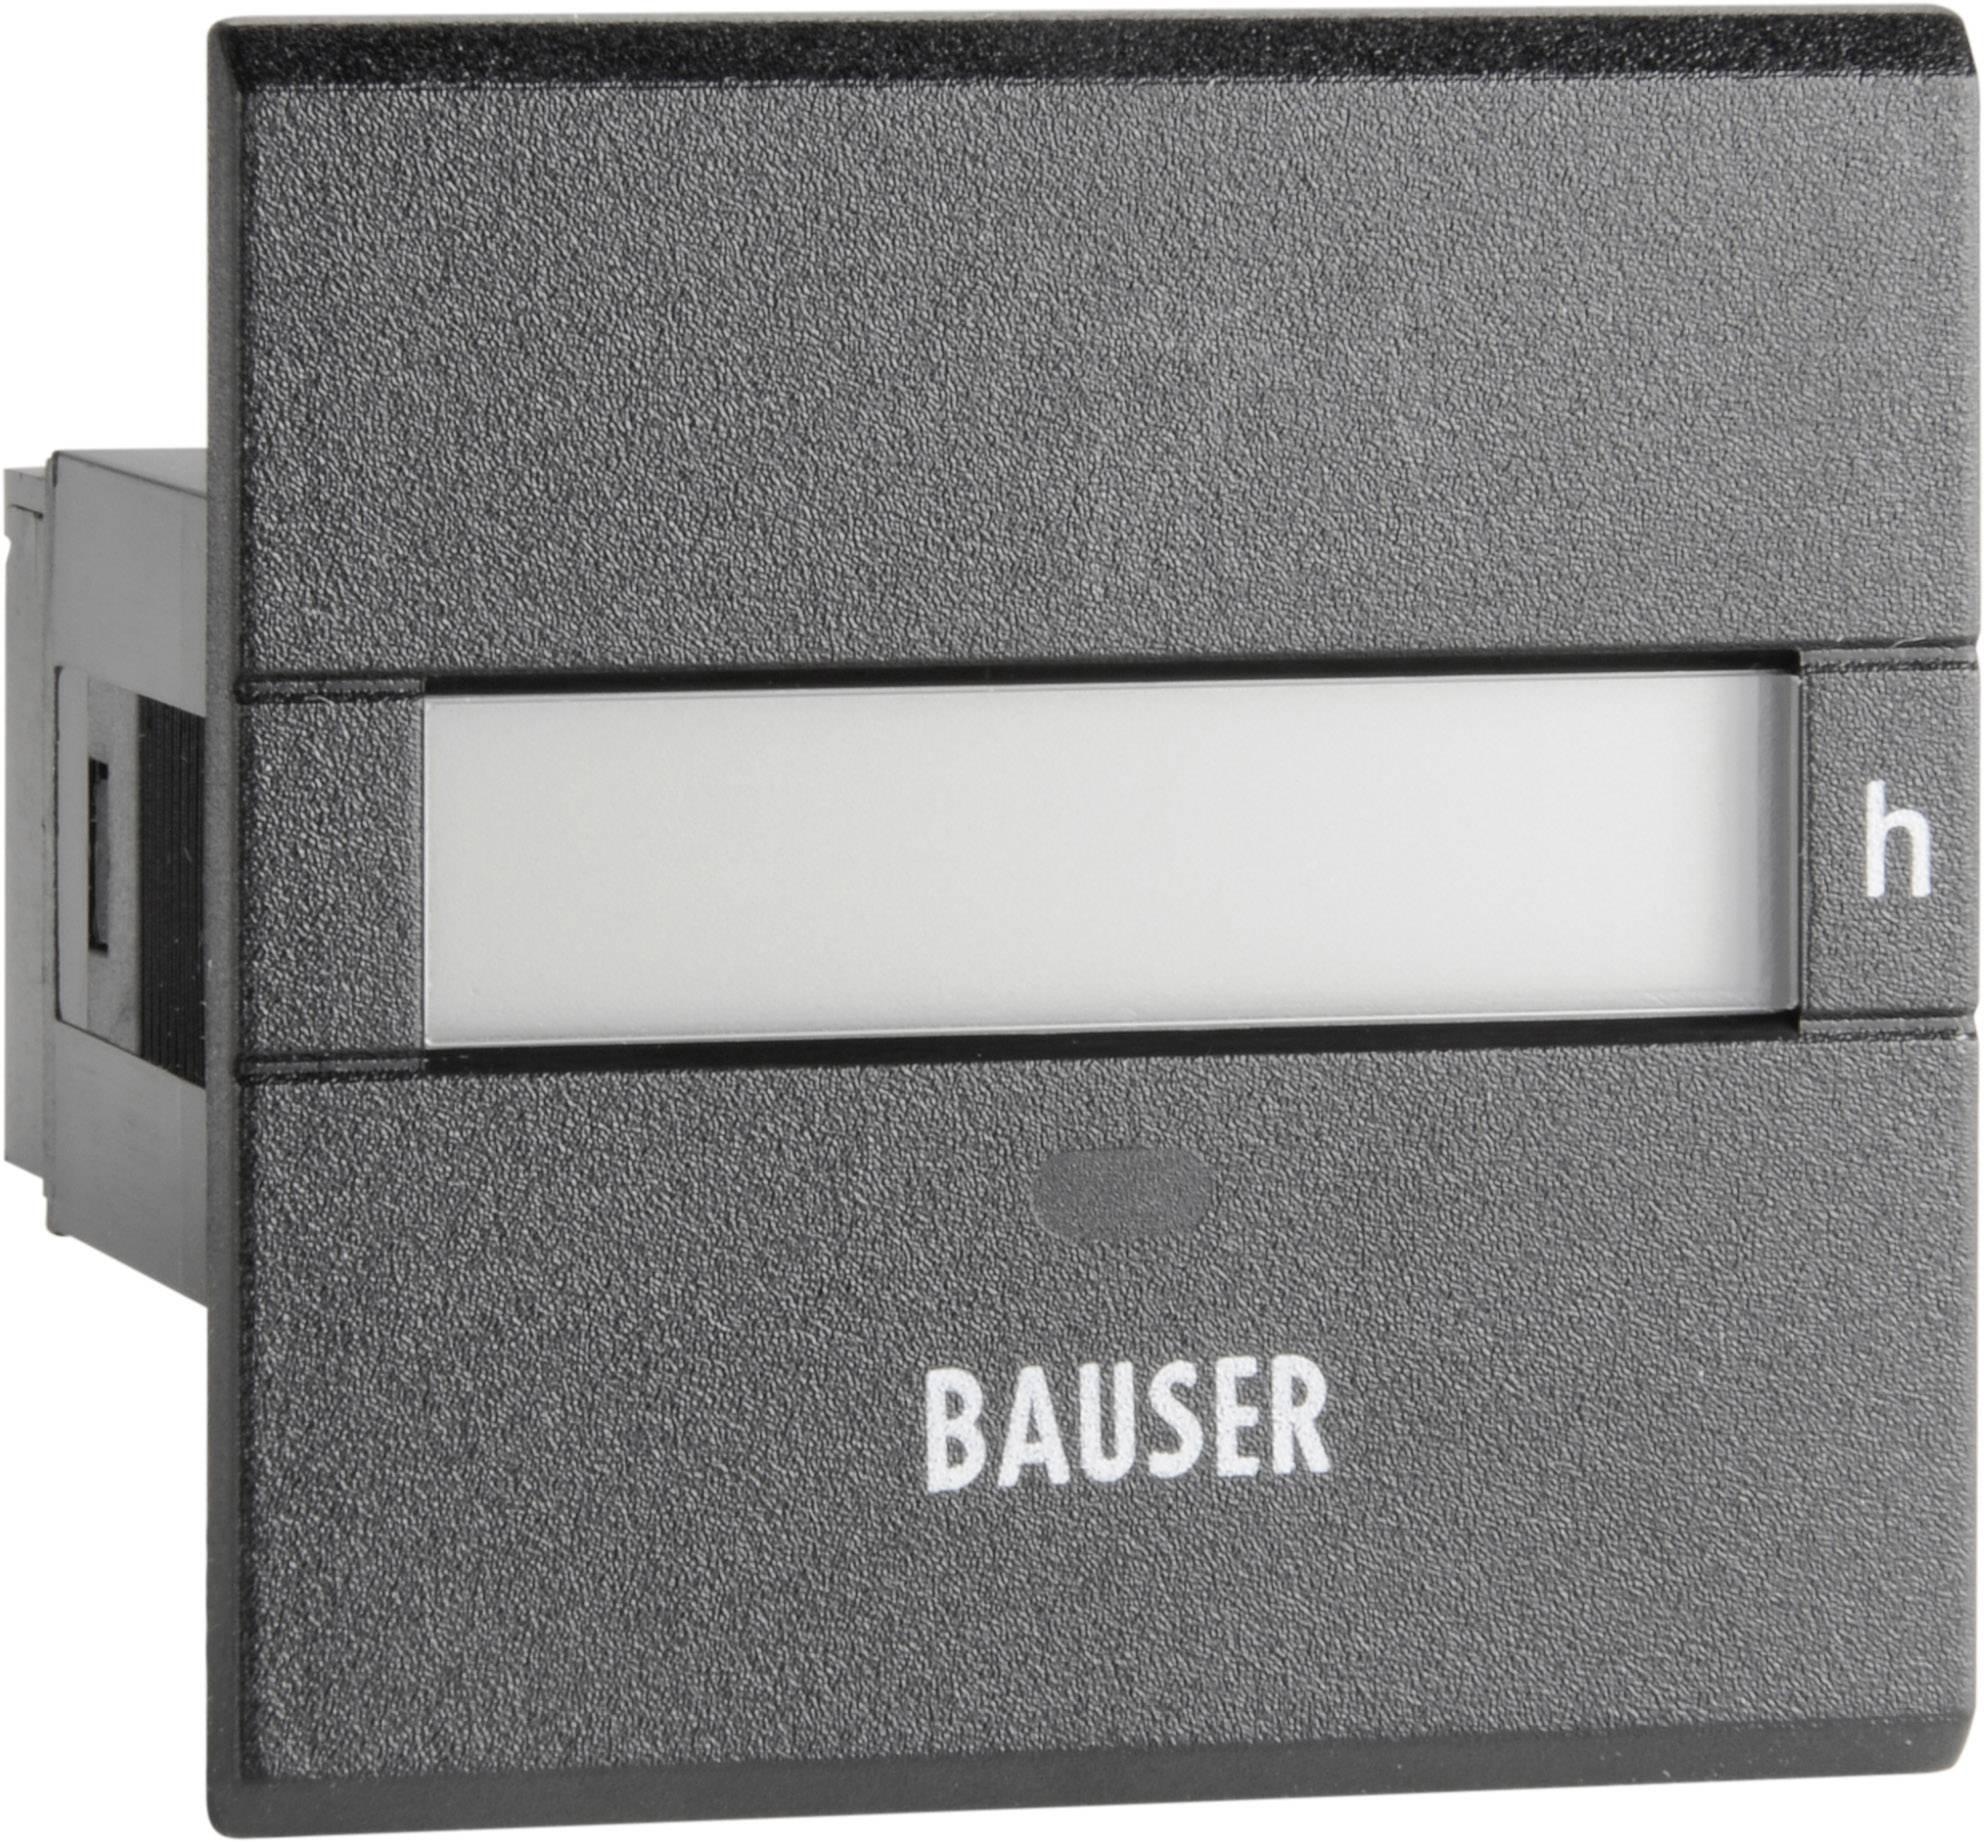 Počítadlo prevádzkových hodín Bauser 3801.2.1.0.1.2 DC, 12 - 24 VDC, 45 x 45 mm, IP65